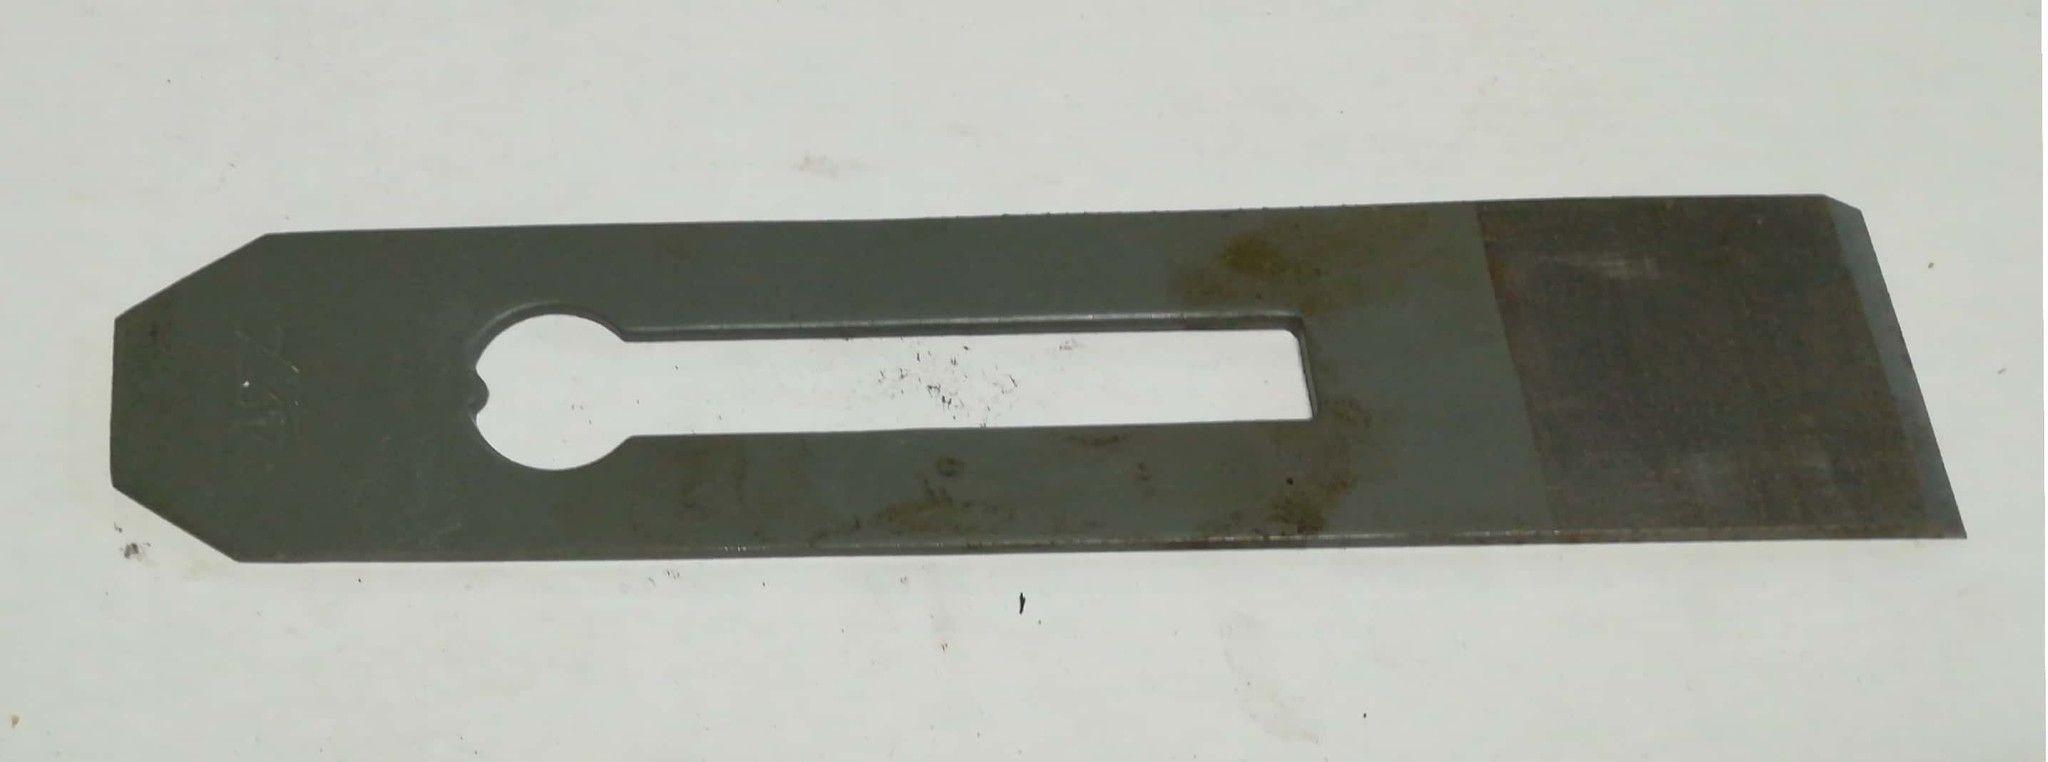 Ferro semplice per pialla forato mm 46